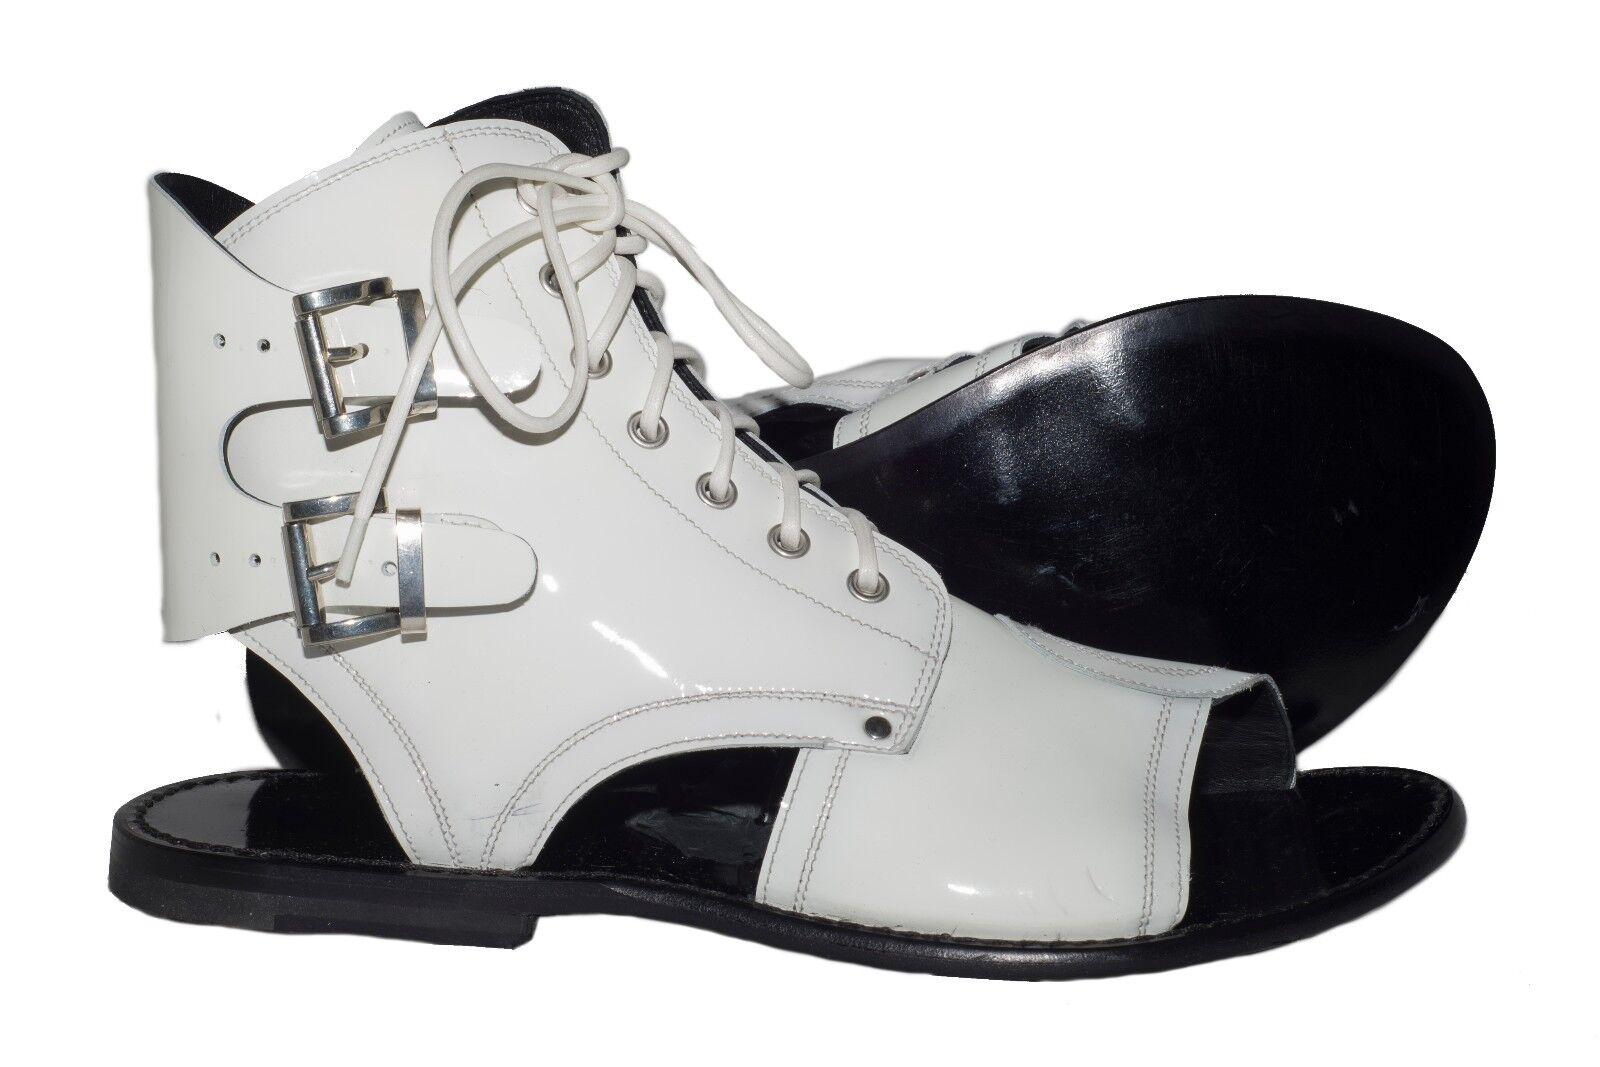 Scarpe casual da uomo  Jo Ghost 1584 Italian uomos white patent leather sandals with zipper, laces